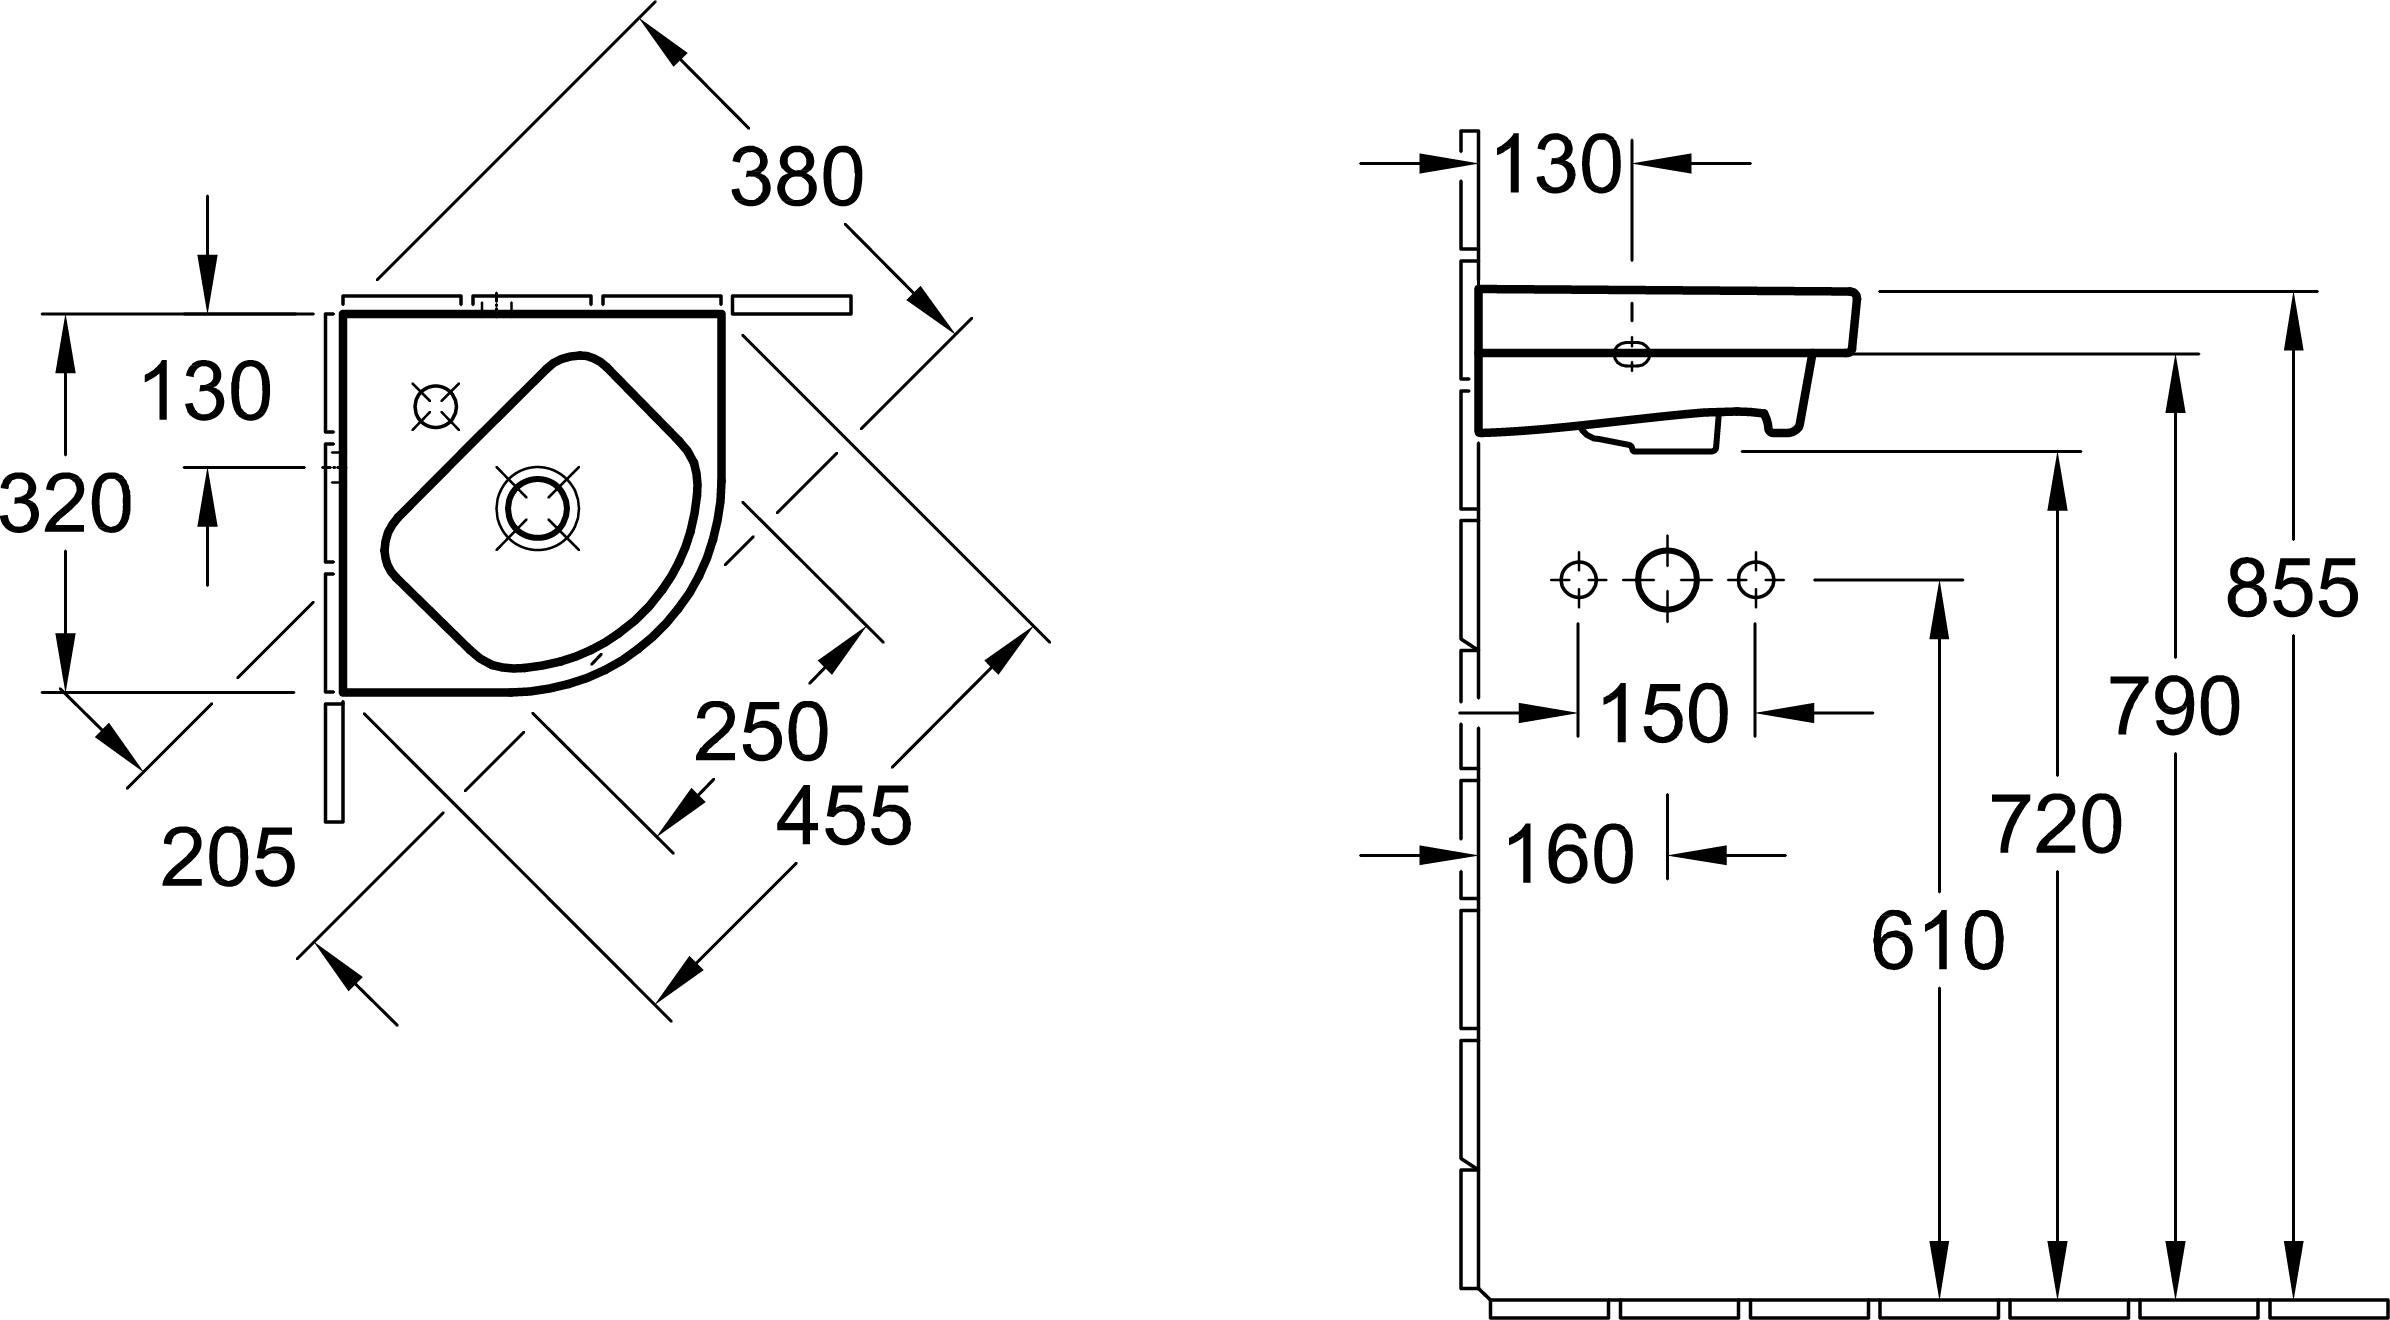 Architectura Compact Corner Basin